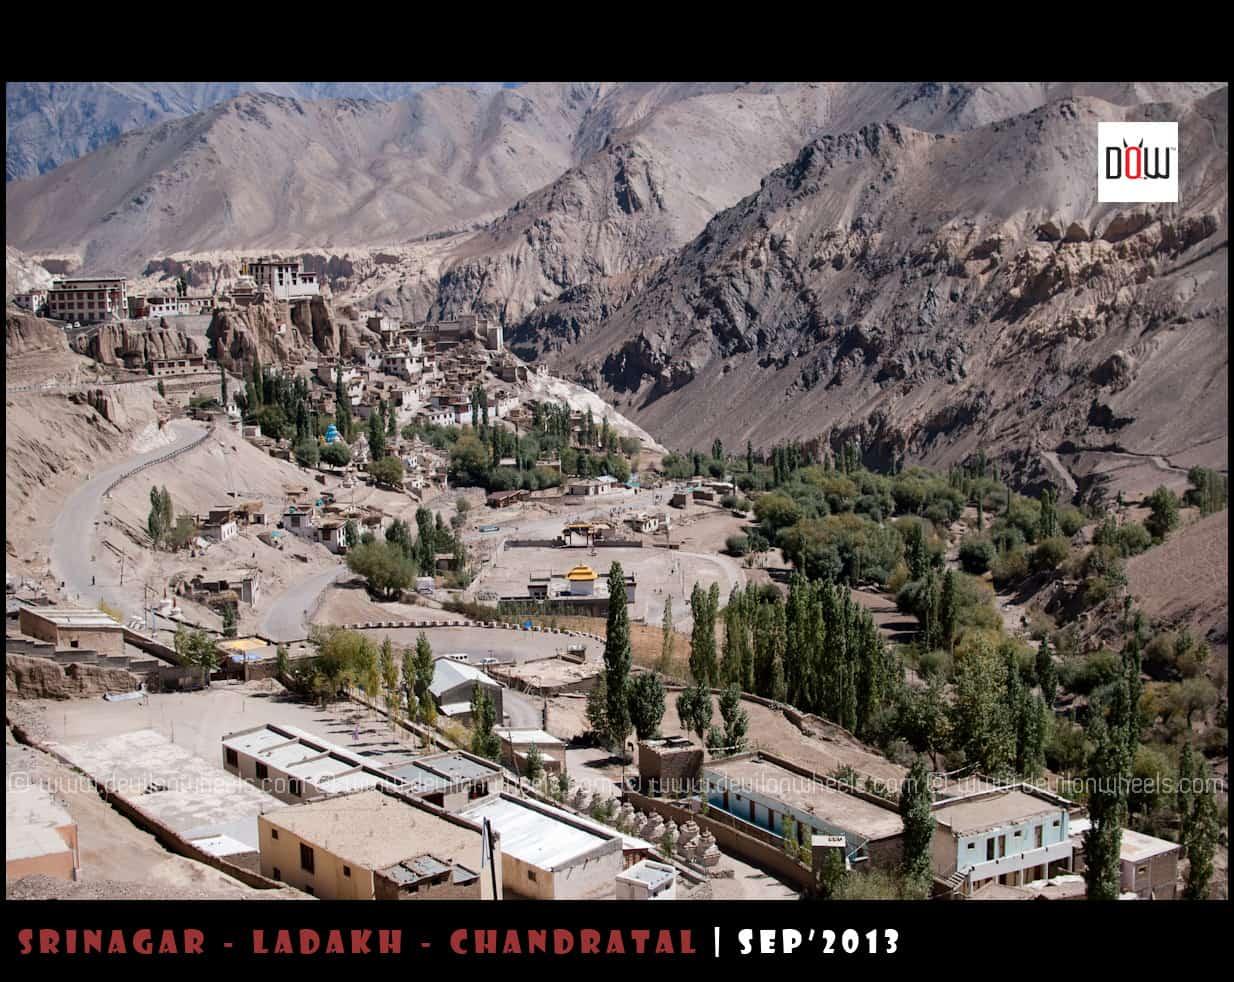 Lamayuru town as seen from Srinagar - Leh Highway